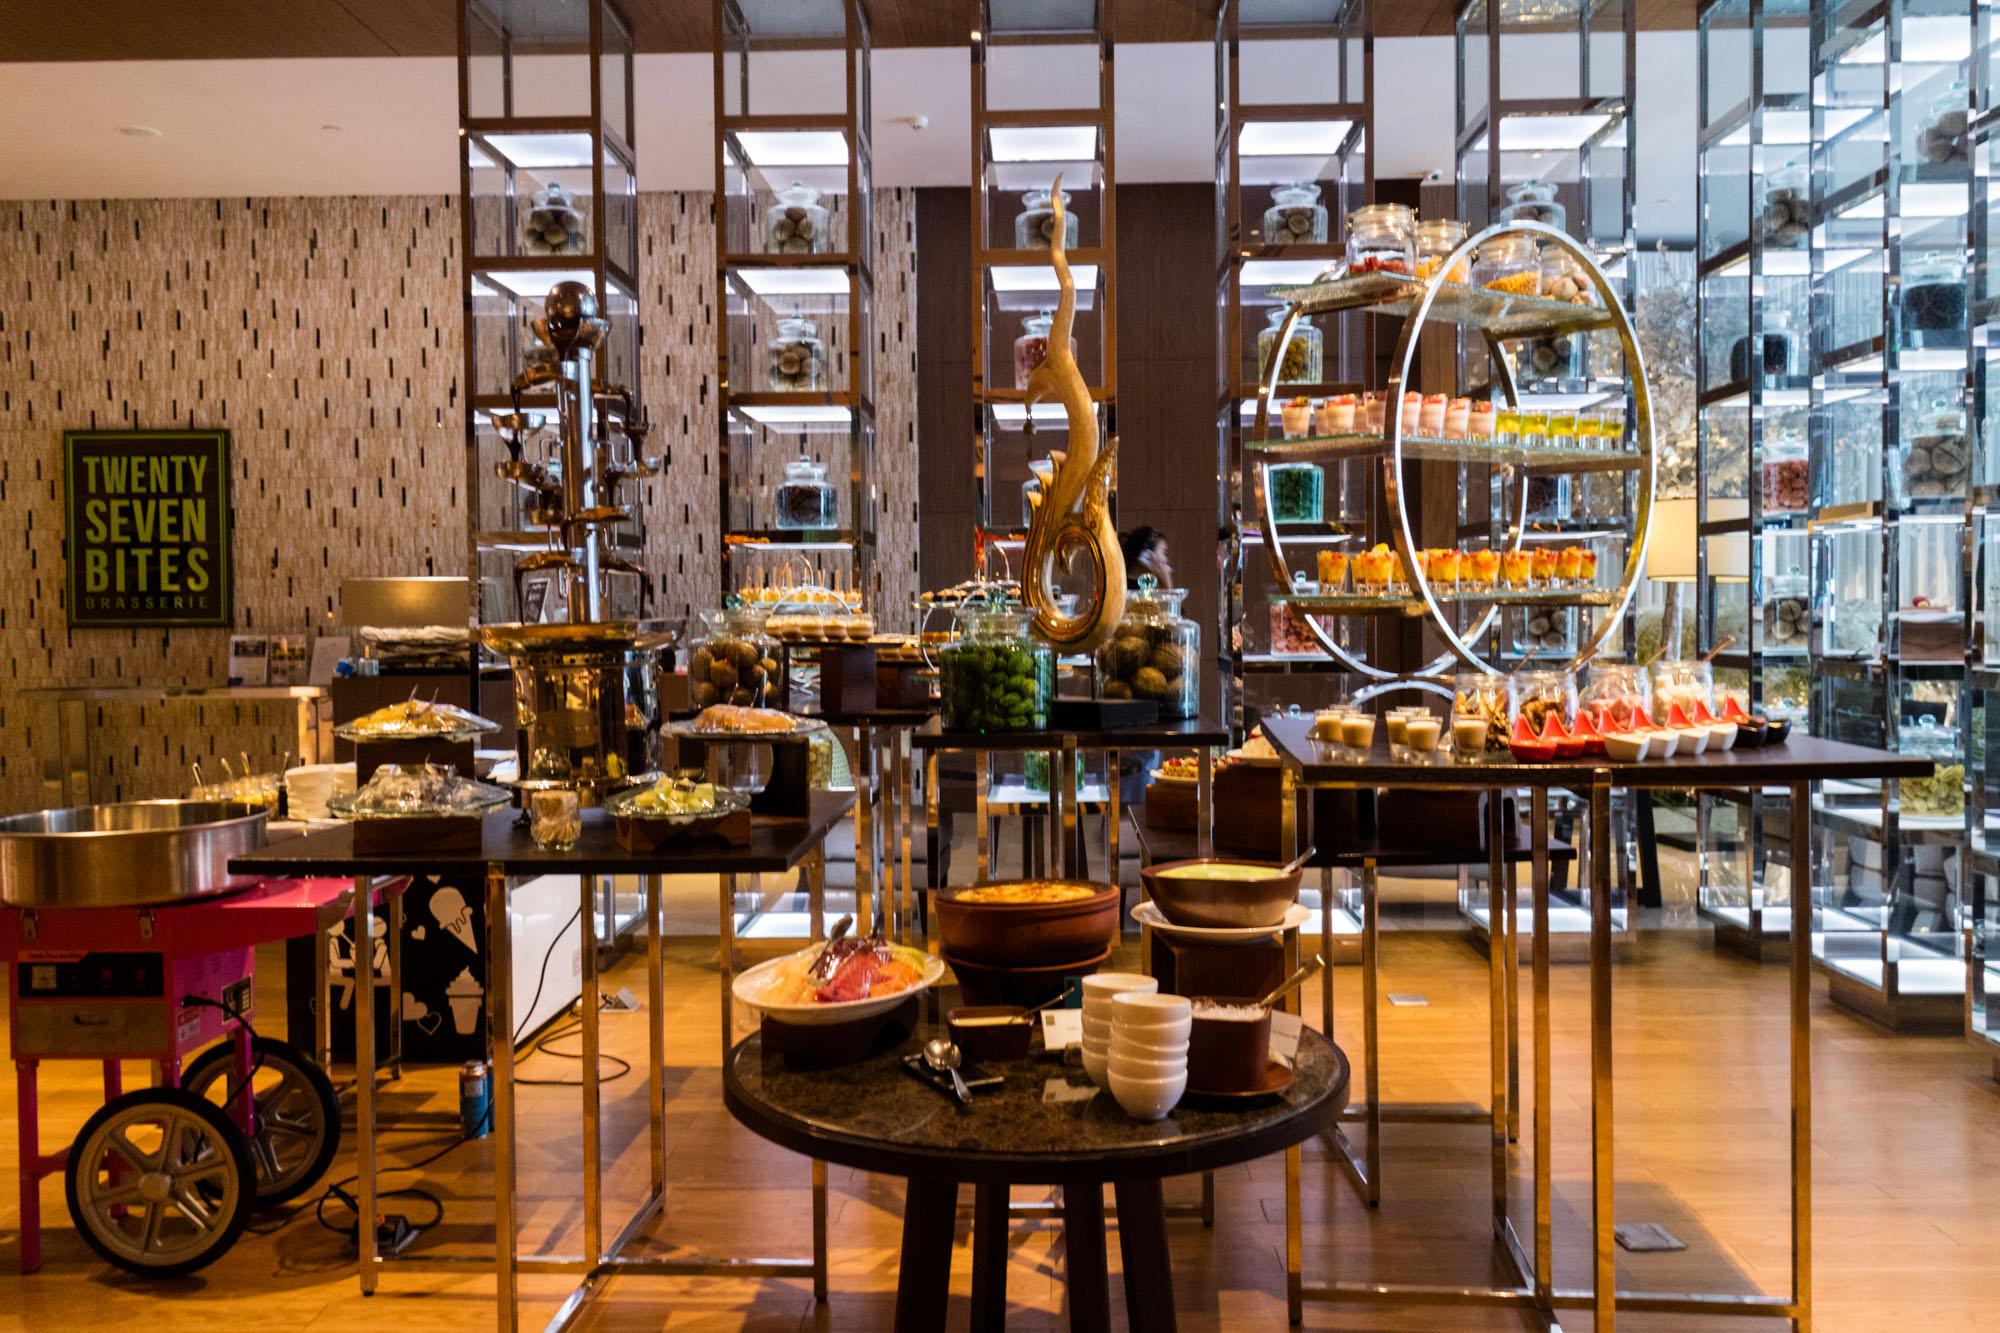 บุฟเฟ่ต์ Big Blu Sunday Brunch ห้องอาหาร Twenty-Seven Bites โรงแรม Radisson Blu Plaza Bangkok  บุฟเฟ่ต์ Big Blu Sunday Brunch ห้องอาหาร Twenty-Seven Bites โรงแรม Radisson Blu Plaza Bangkok IMG 6099